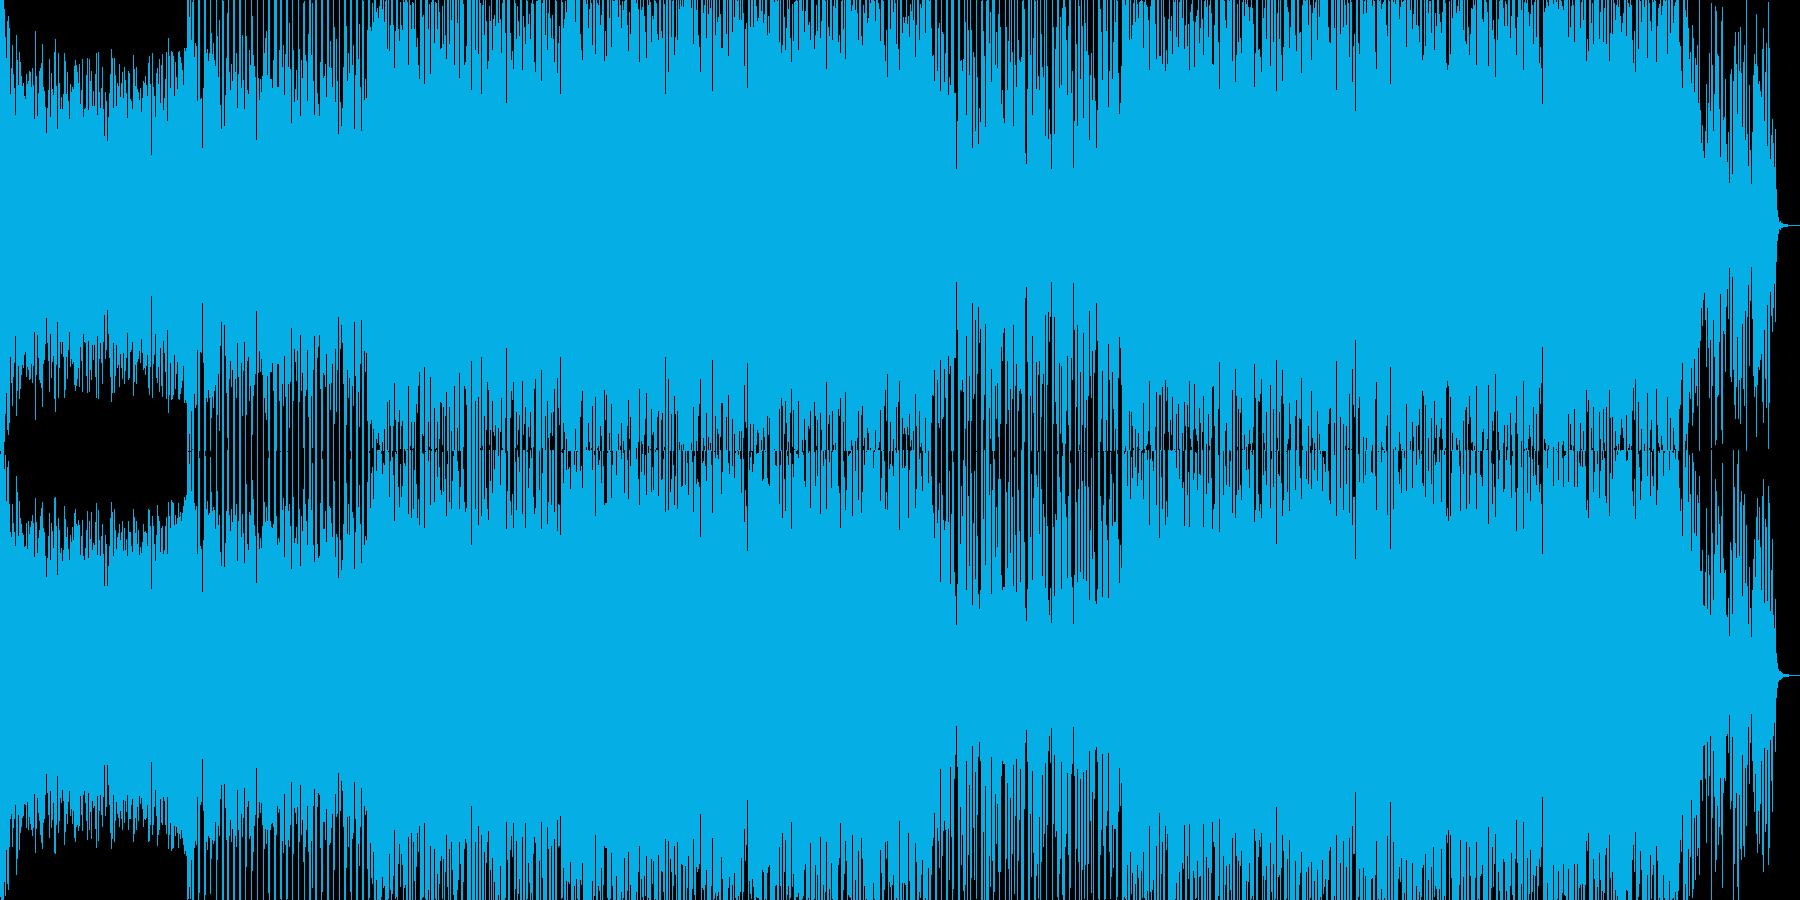 アフロパーカッションのEDM-01の再生済みの波形